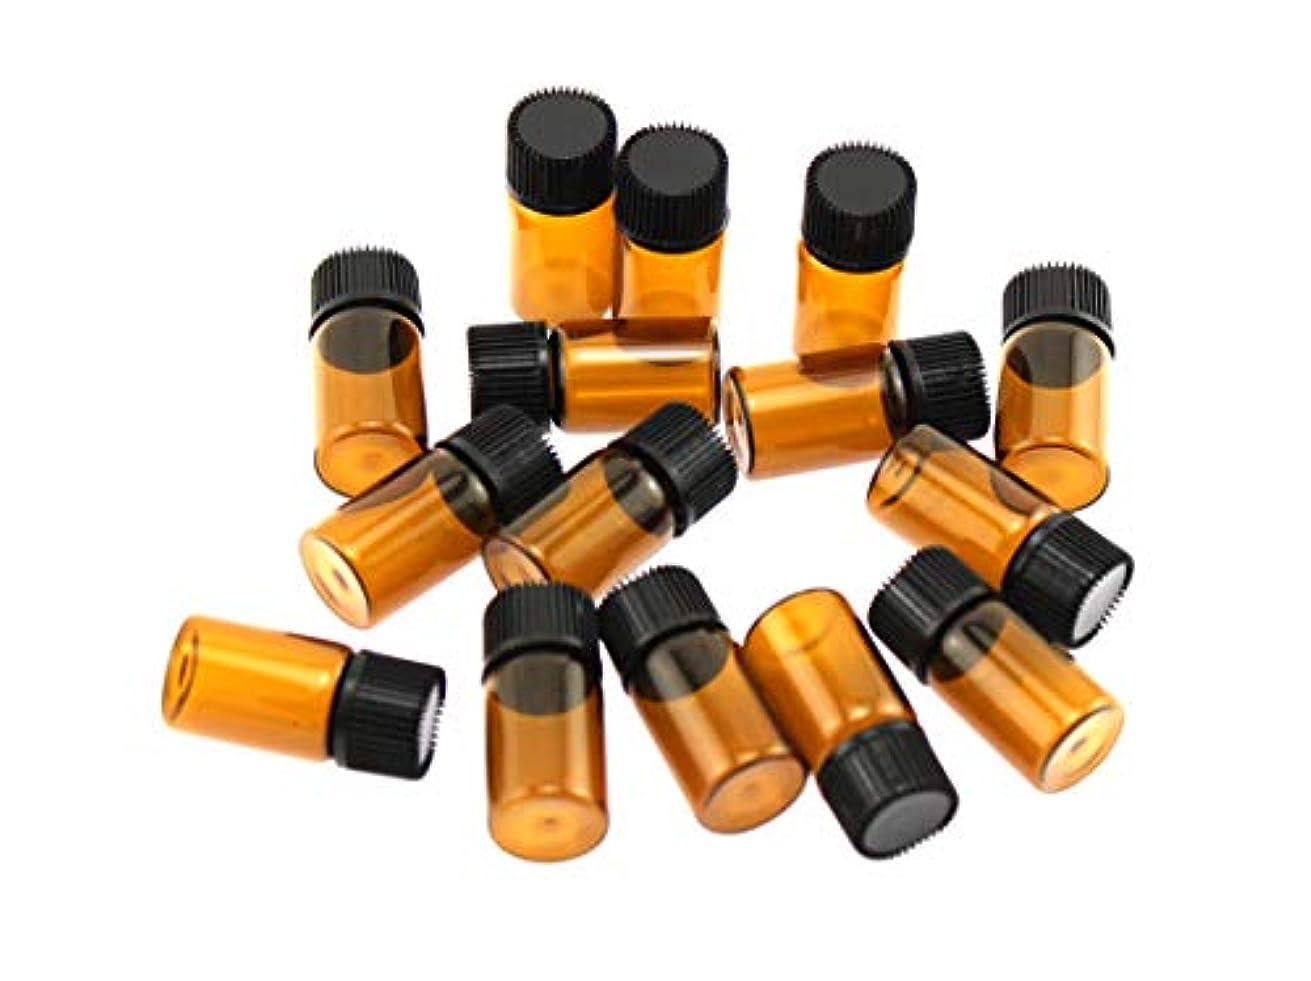 鳴り響く作り委員長Olive-G アロマオイル エッセンシャルオイル 保存 小分け用 ガラスボトル 遮光タイプ 15本セット ブラウン